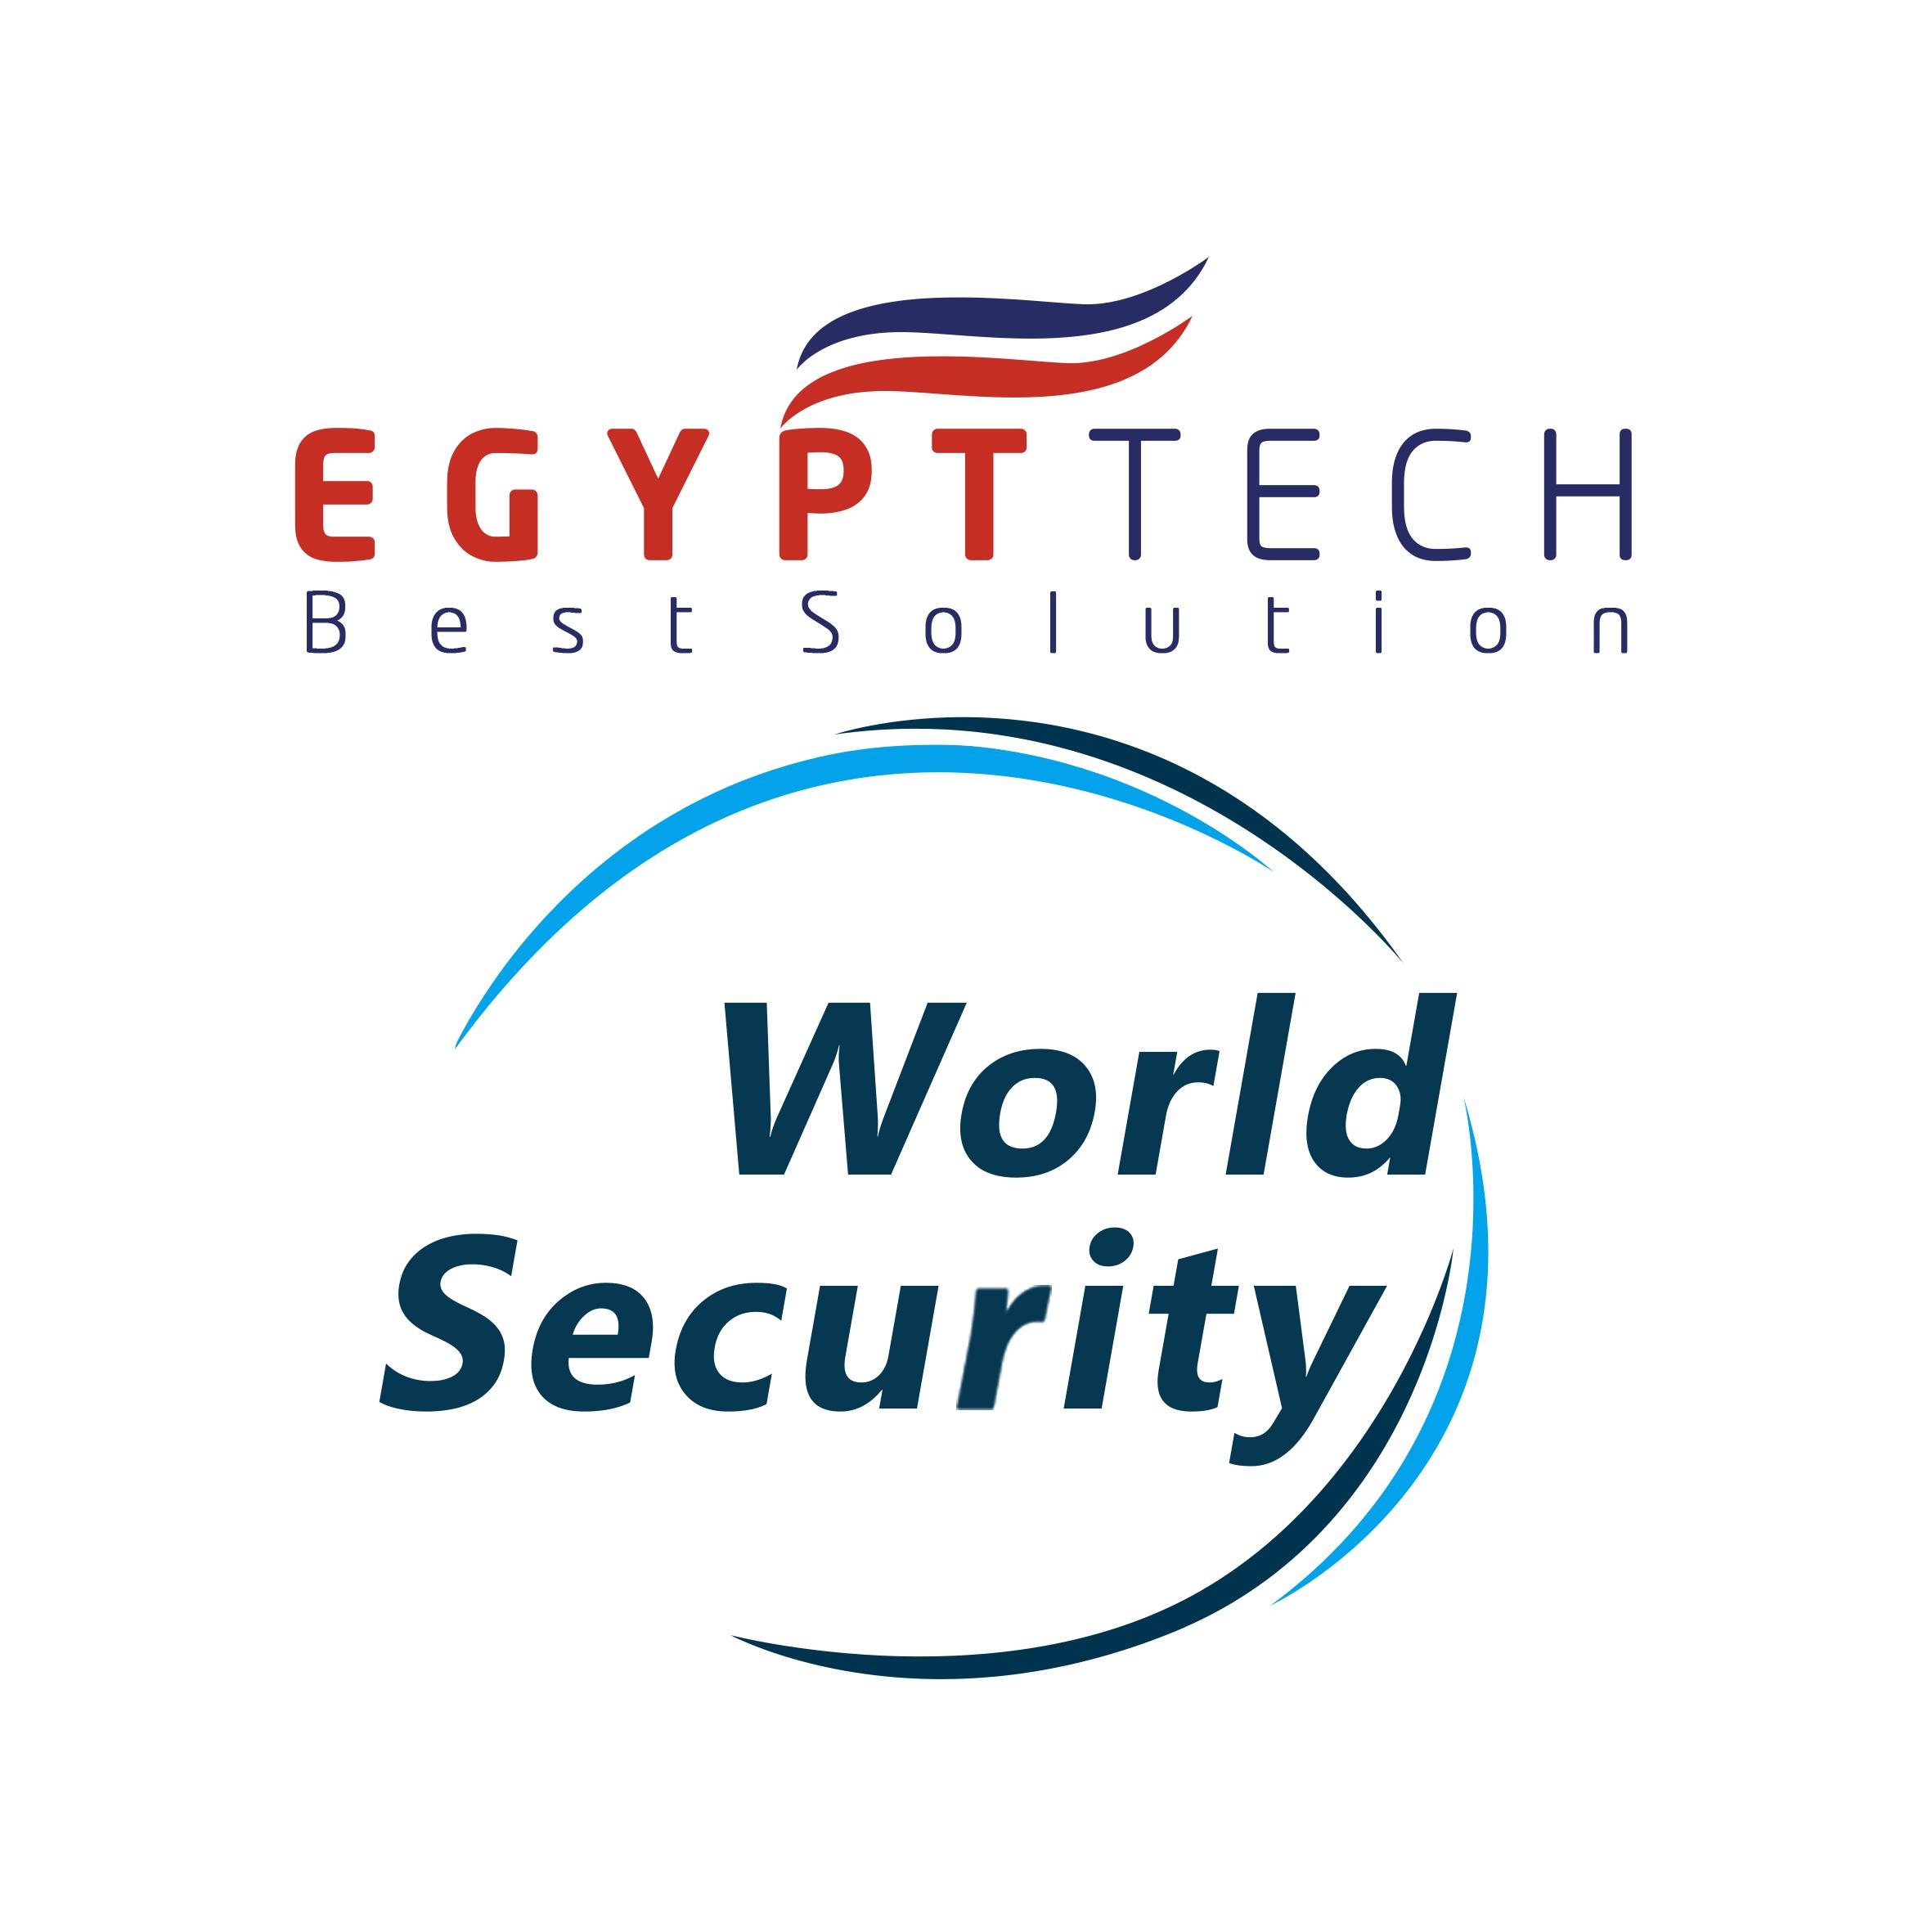 لوجو مصر للتكنولوجيا الحديثه